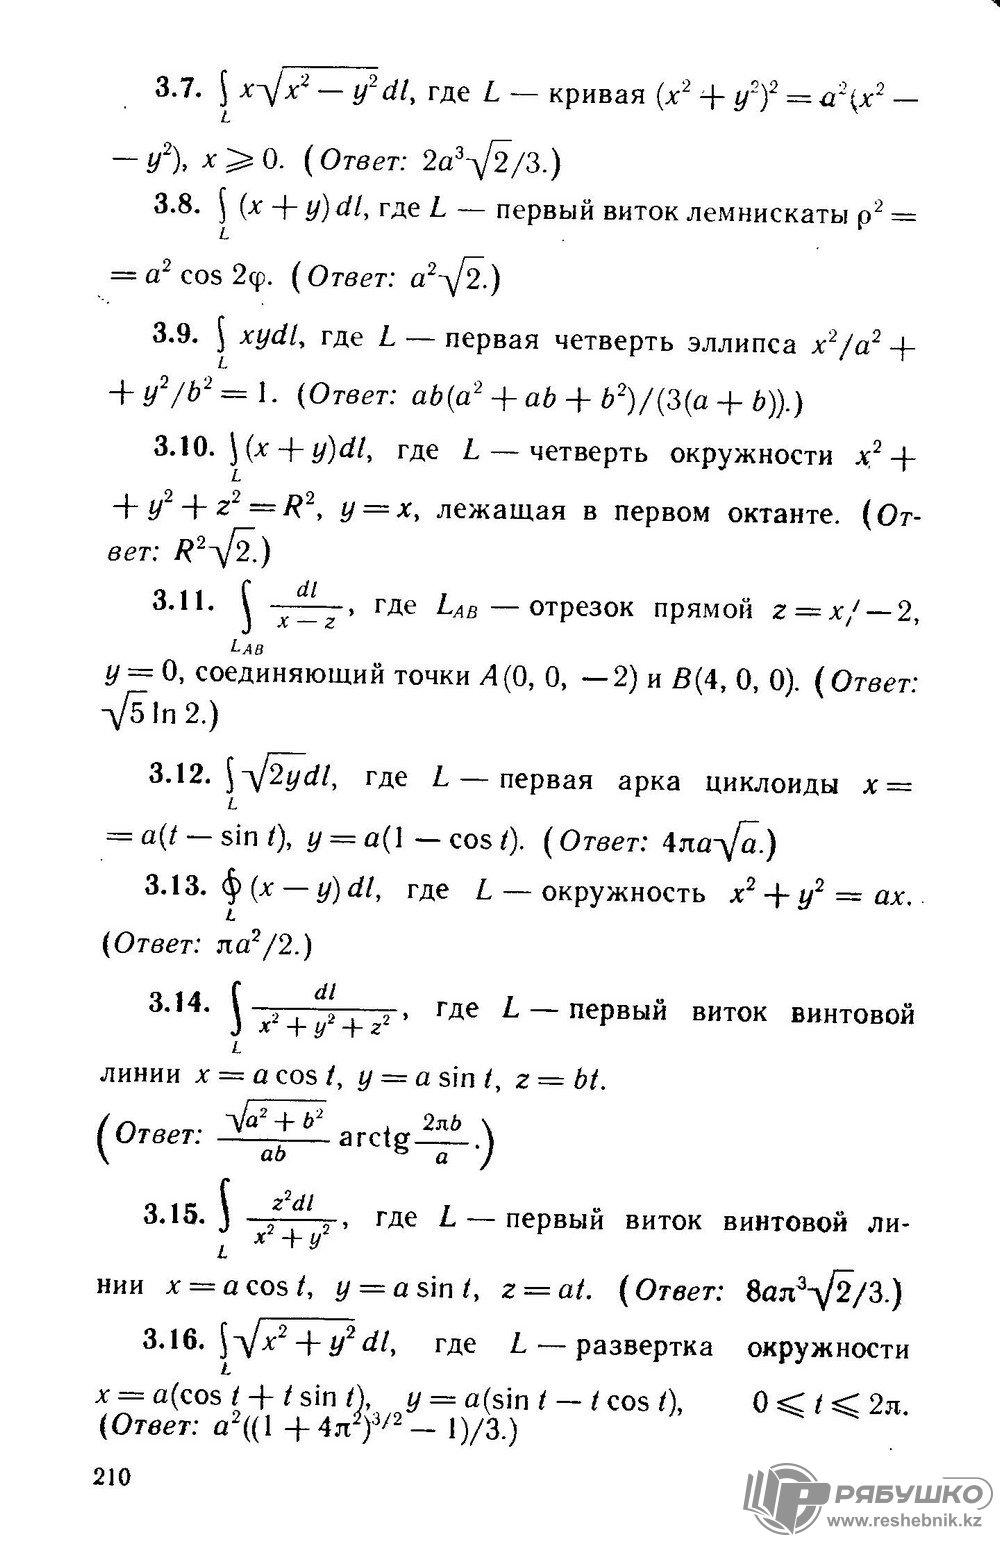 по часть идз рябушко 14.1 3 решебник